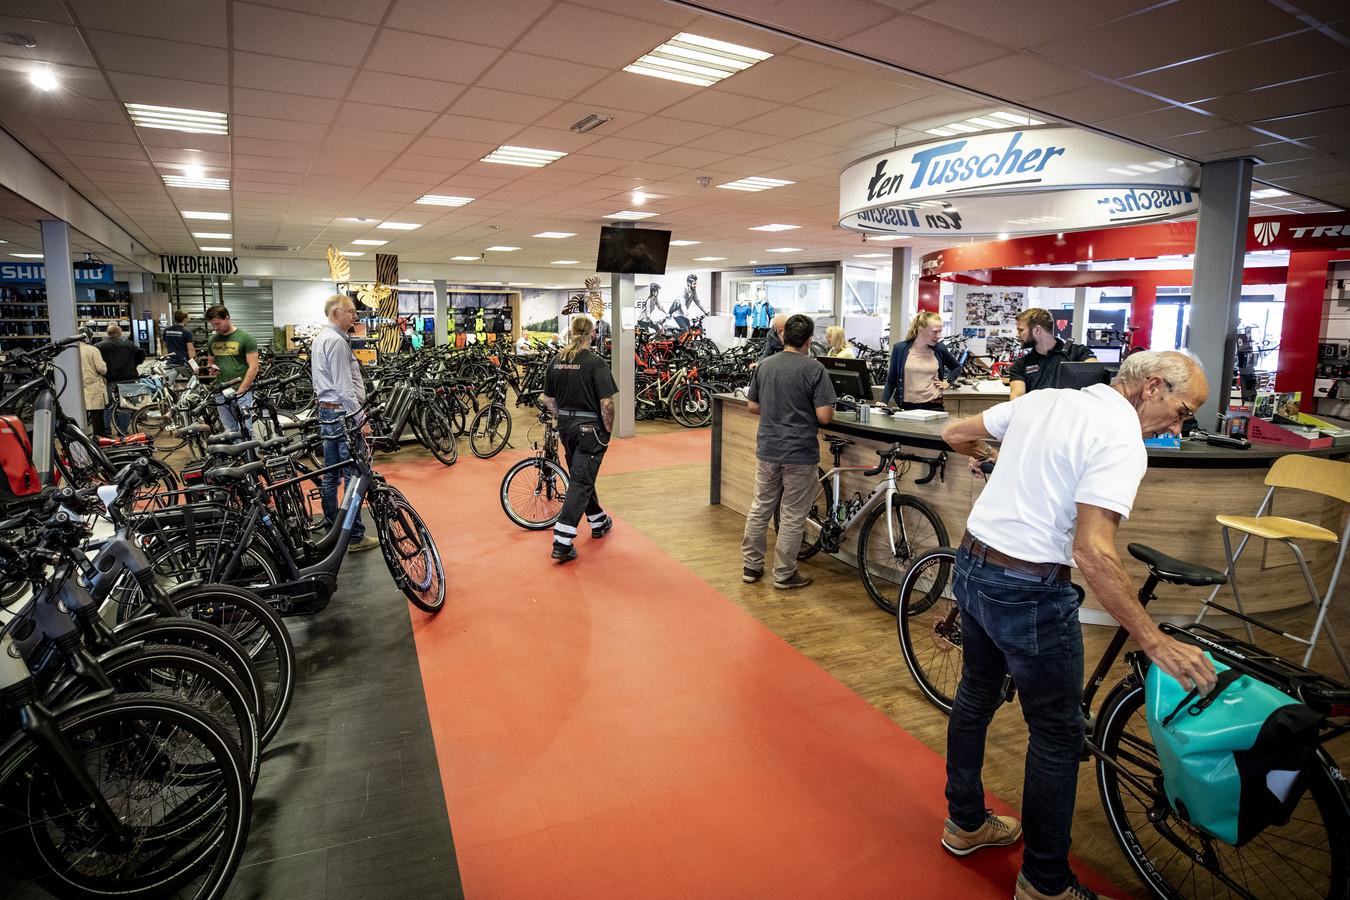 Fietsenwinkel Ten Tusscher. Eén van de elf fietshandelaren die bezwaar maken tegen de komst van Fietsvoordeelshop in Enschede